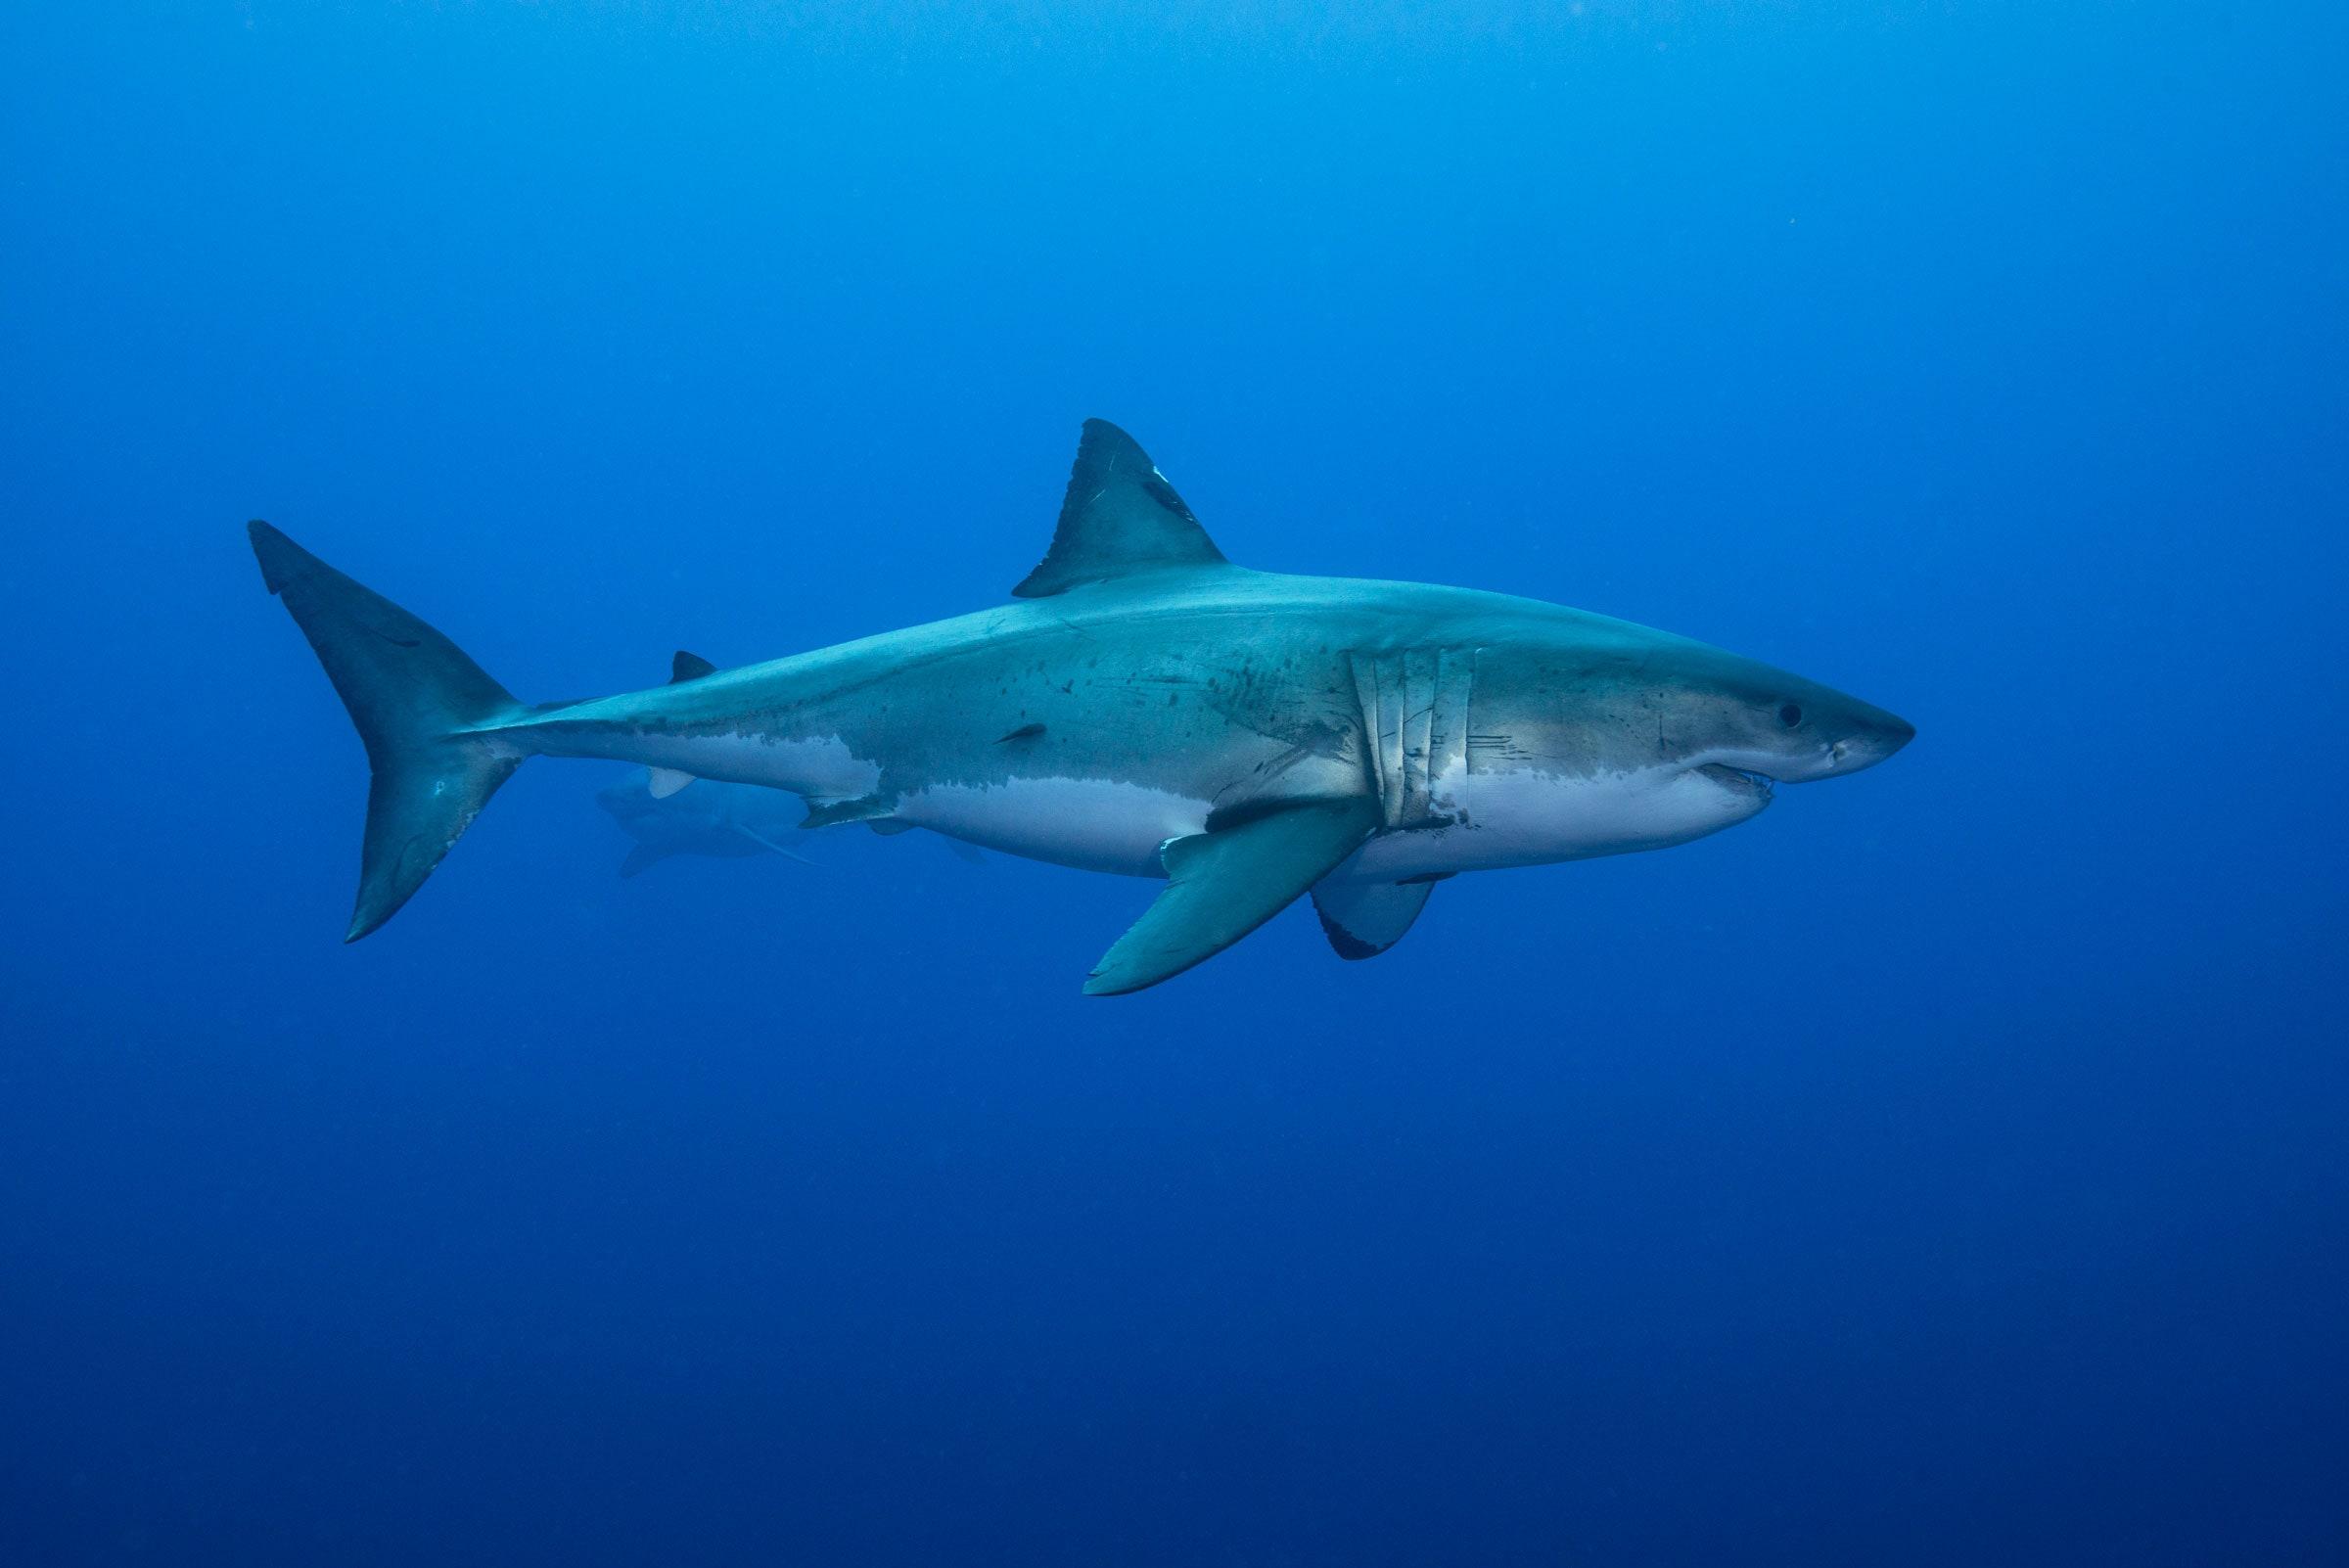 [Перевод] Физика в мире животных: как акулы ориентируются при помощи магнитного поля Земли